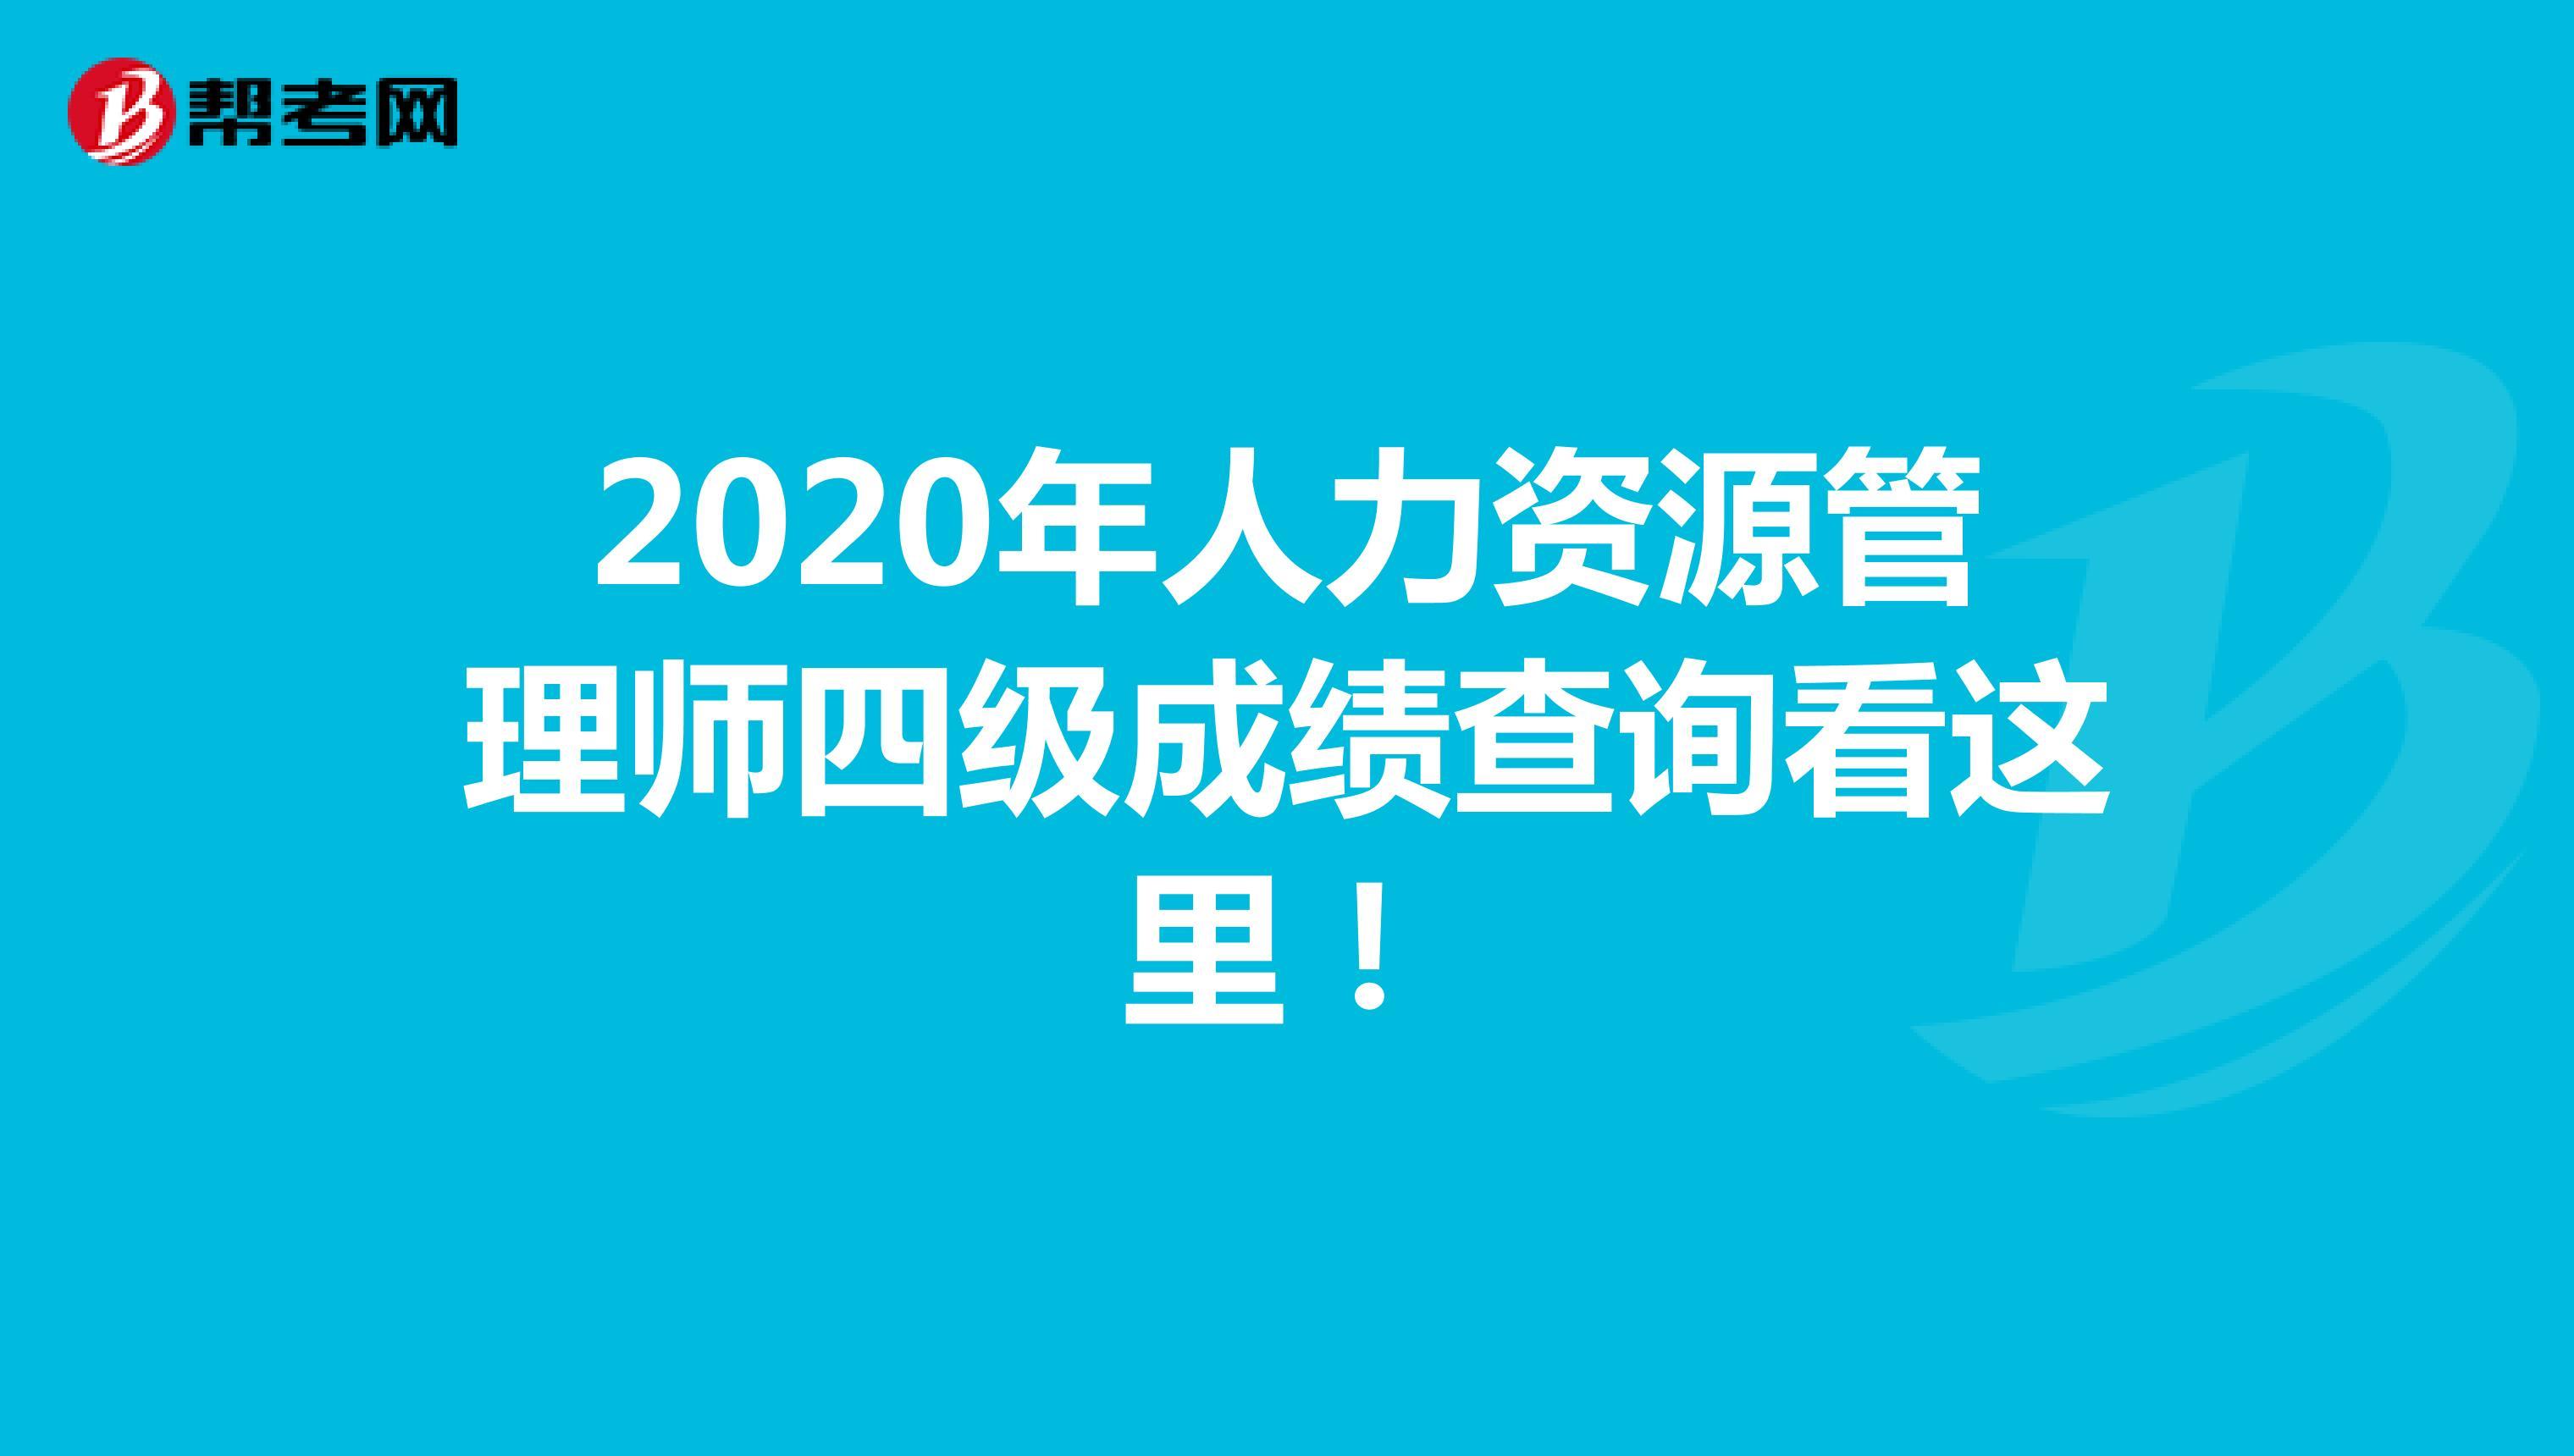 2020年人力资源管理师四级成绩查询看这里!